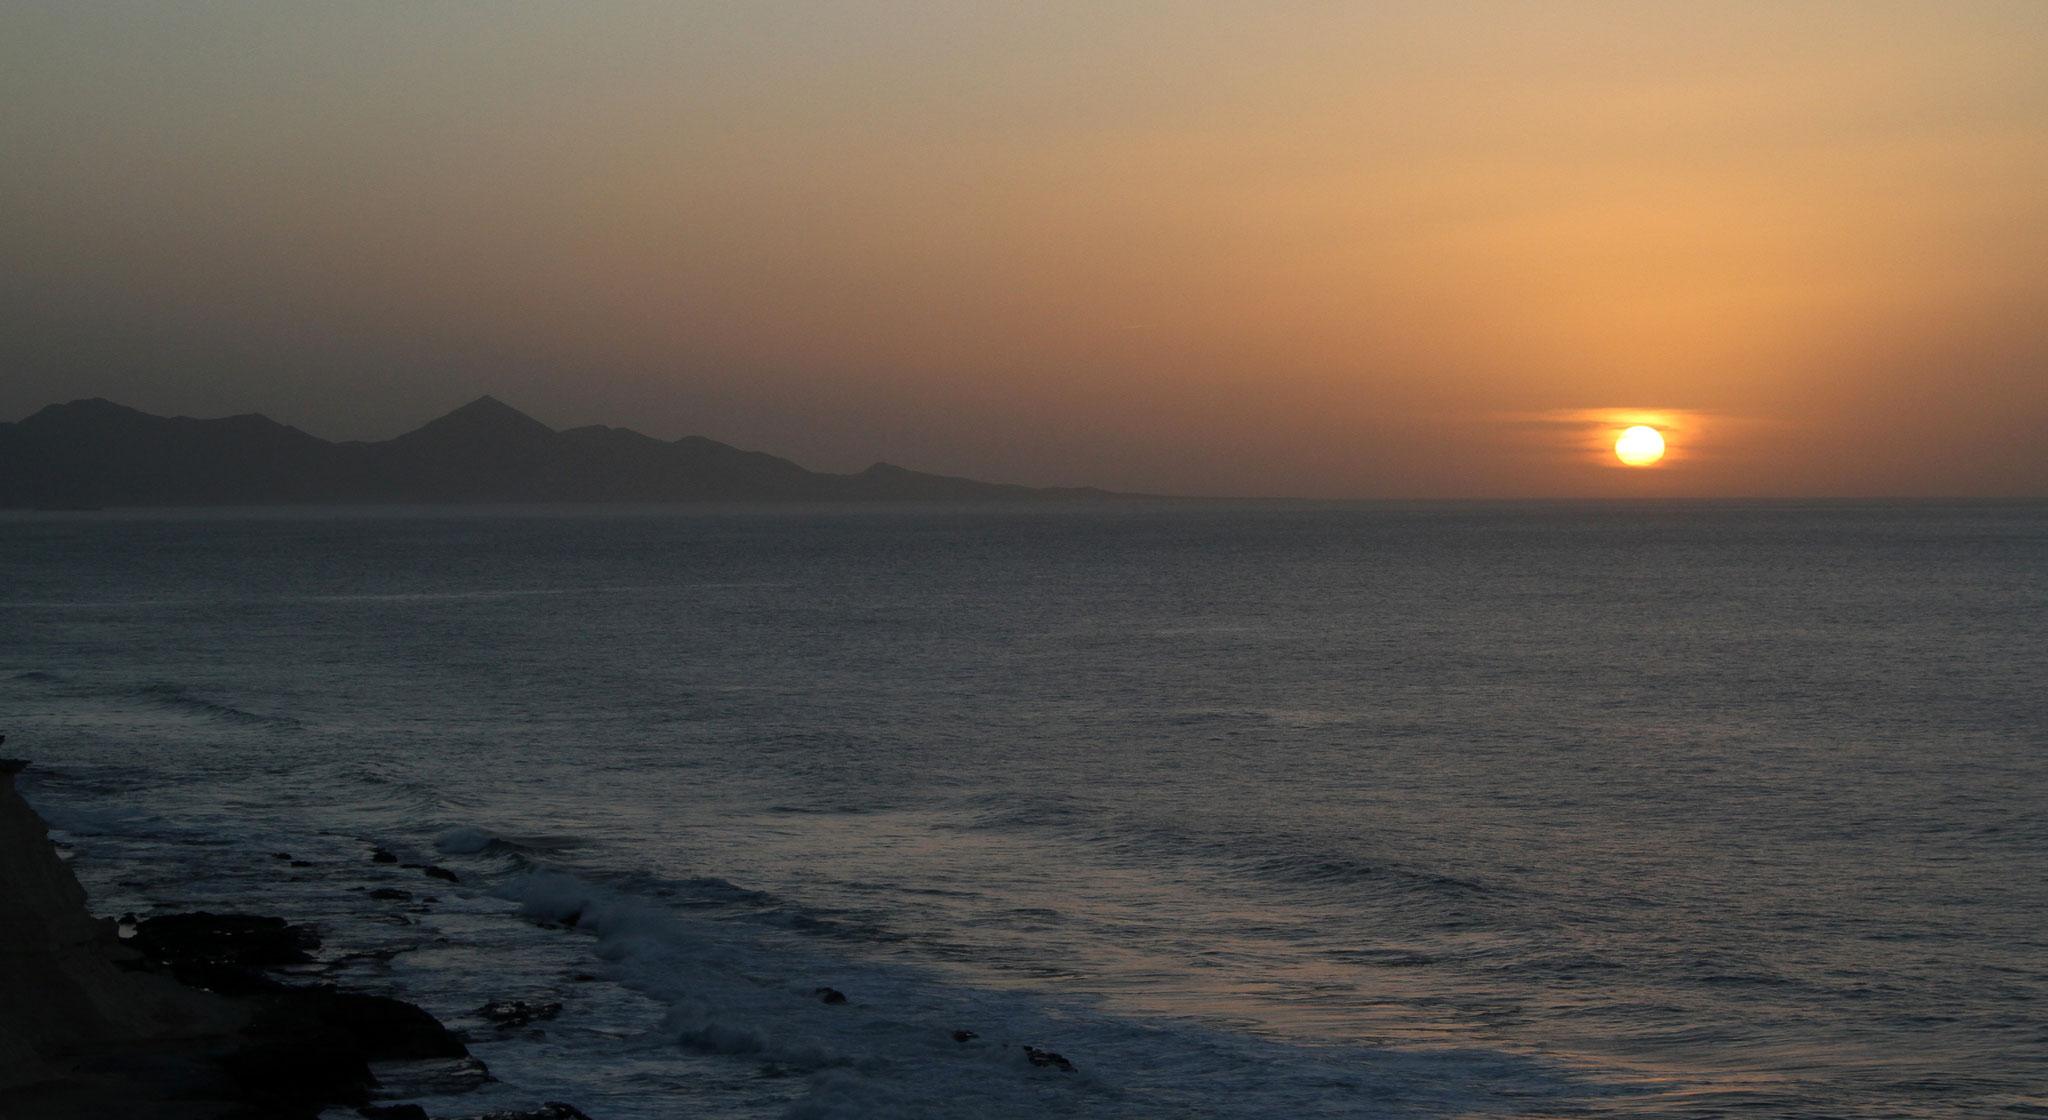 ... und der Sonnenuntegang an der Westküste beschliessen diese Bilderserie.